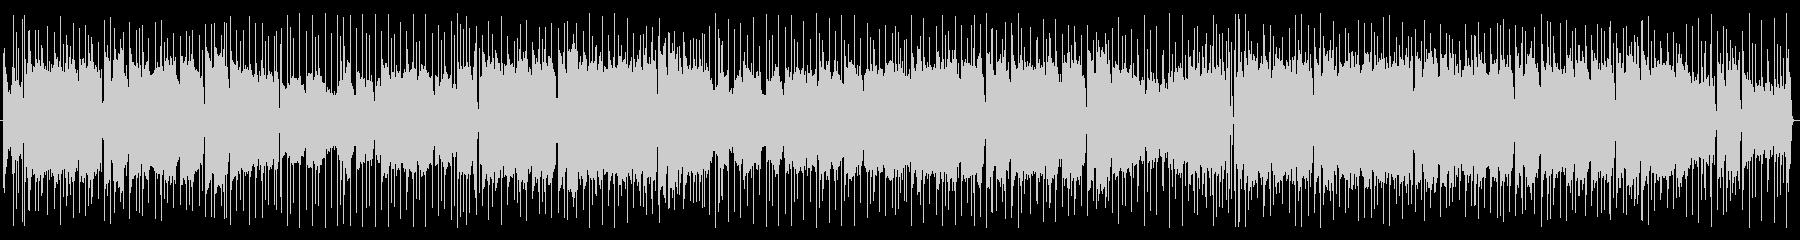 バイオリン 雄大なポップBGMの未再生の波形